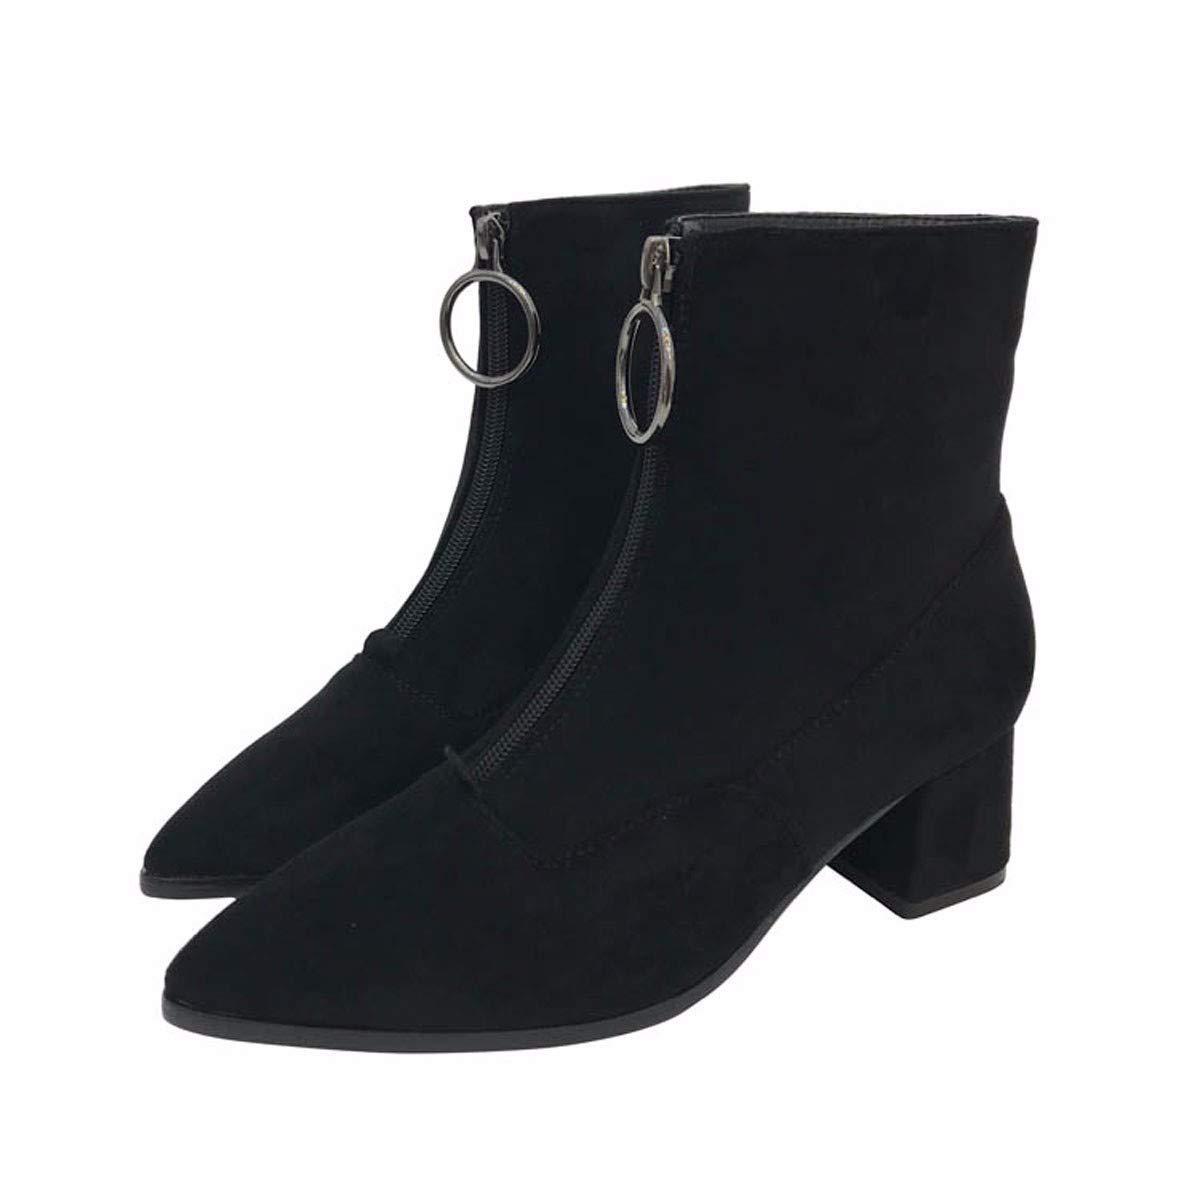 KPHY Damenschuhe Kurze Stiefel Mit Hohen 5Cm Harte Sohle Wies Kopf Martin Stiefel - Reißverschluss Elastisch Dünn Warm Kurze Stiefel.